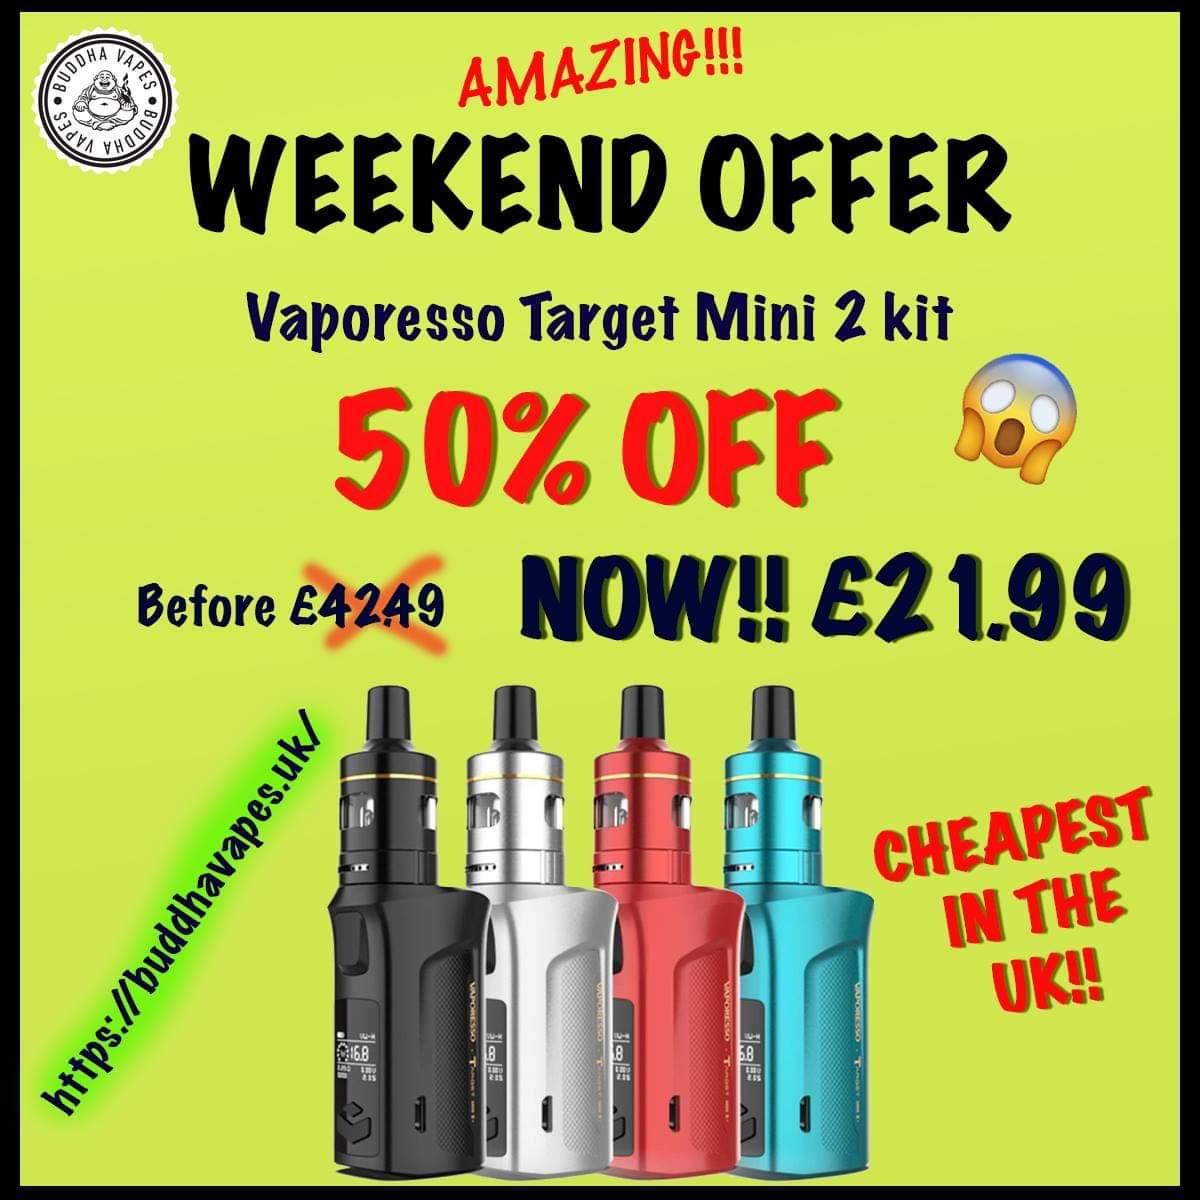 Vaporesso Target Mini 2 Kit – £21.99